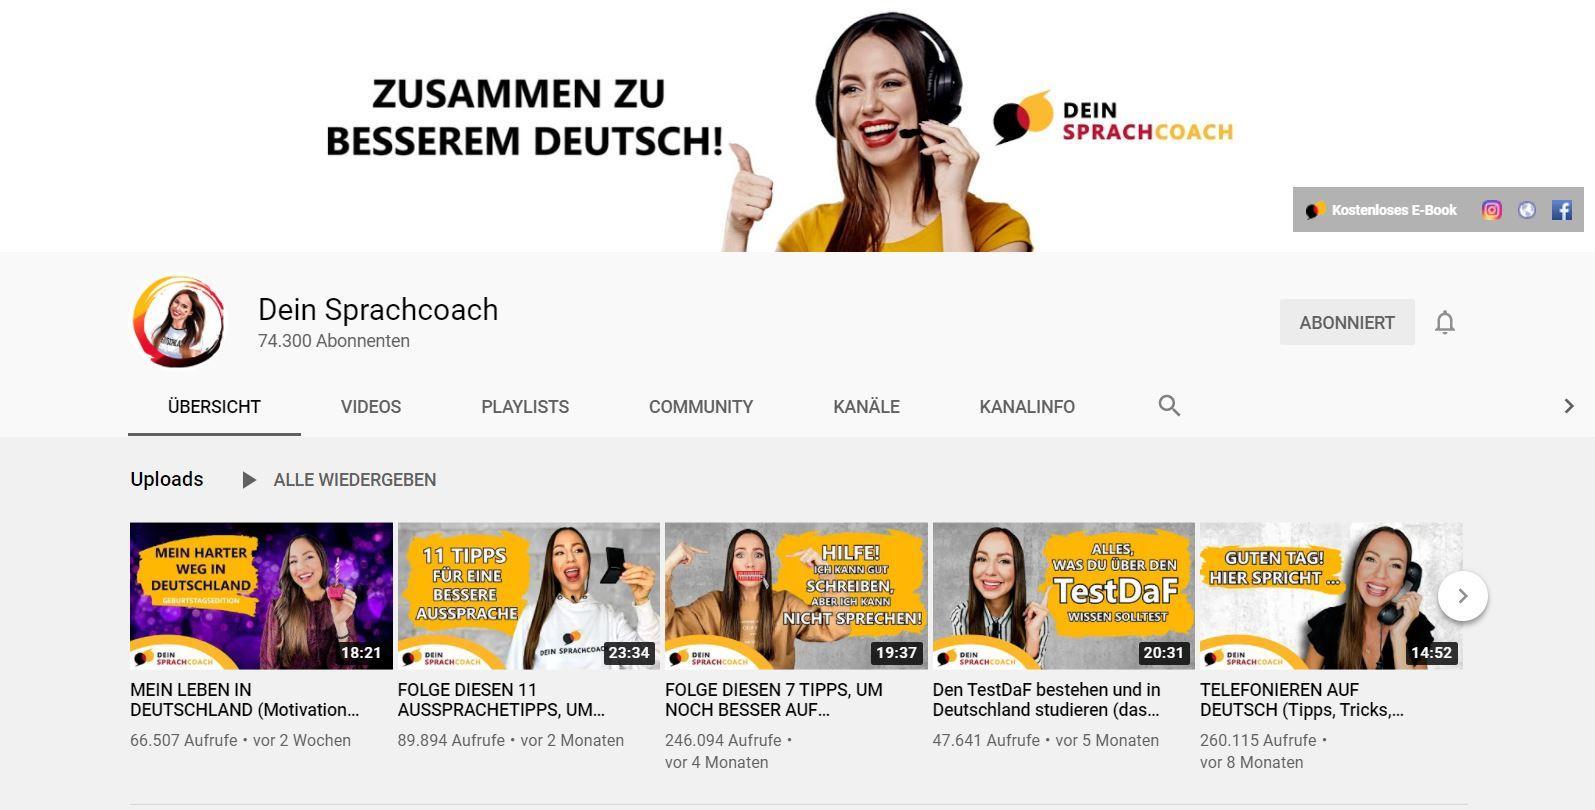 Youtube Deutsch Lernen Maria dein Sprachcoach